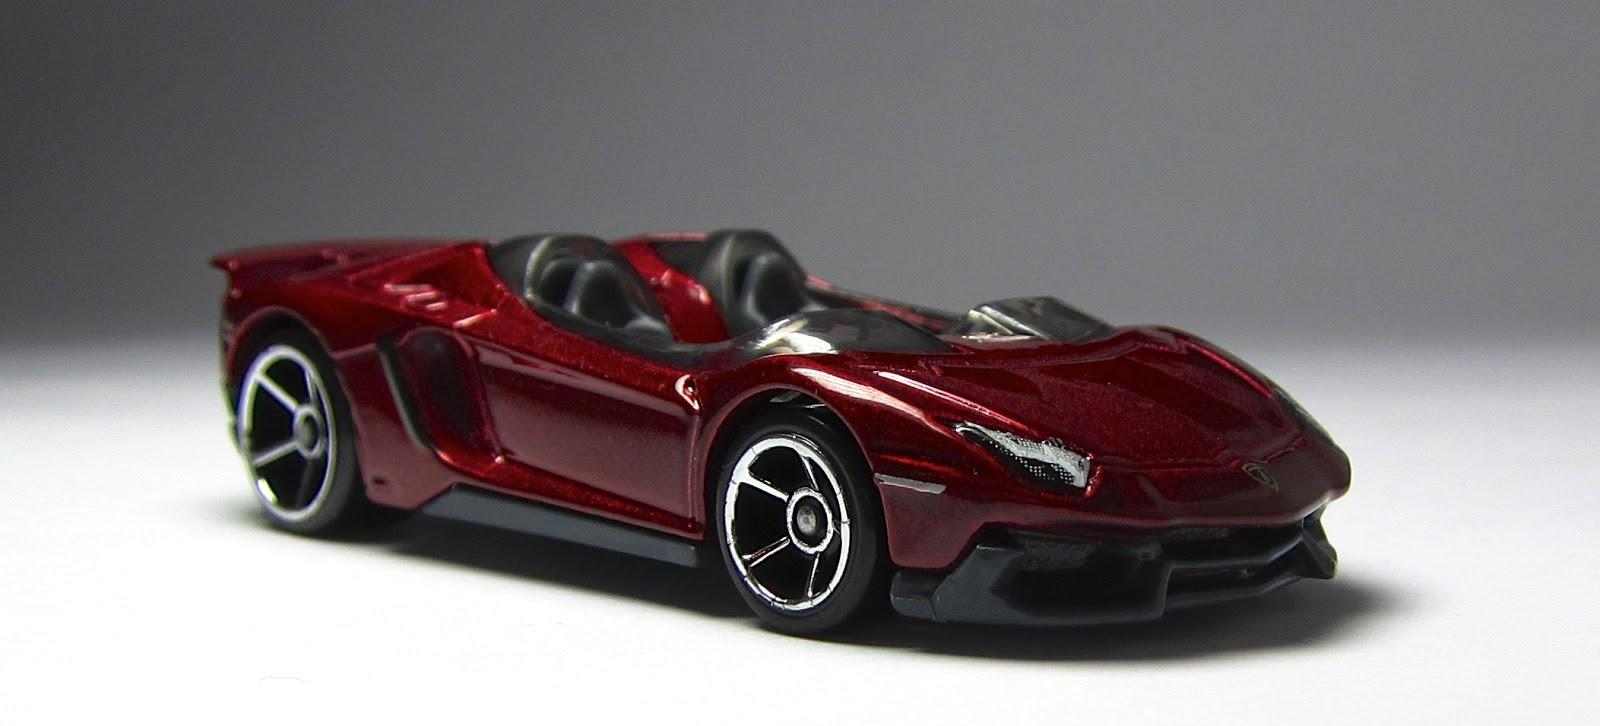 Lamborghini aventador j hot wheels